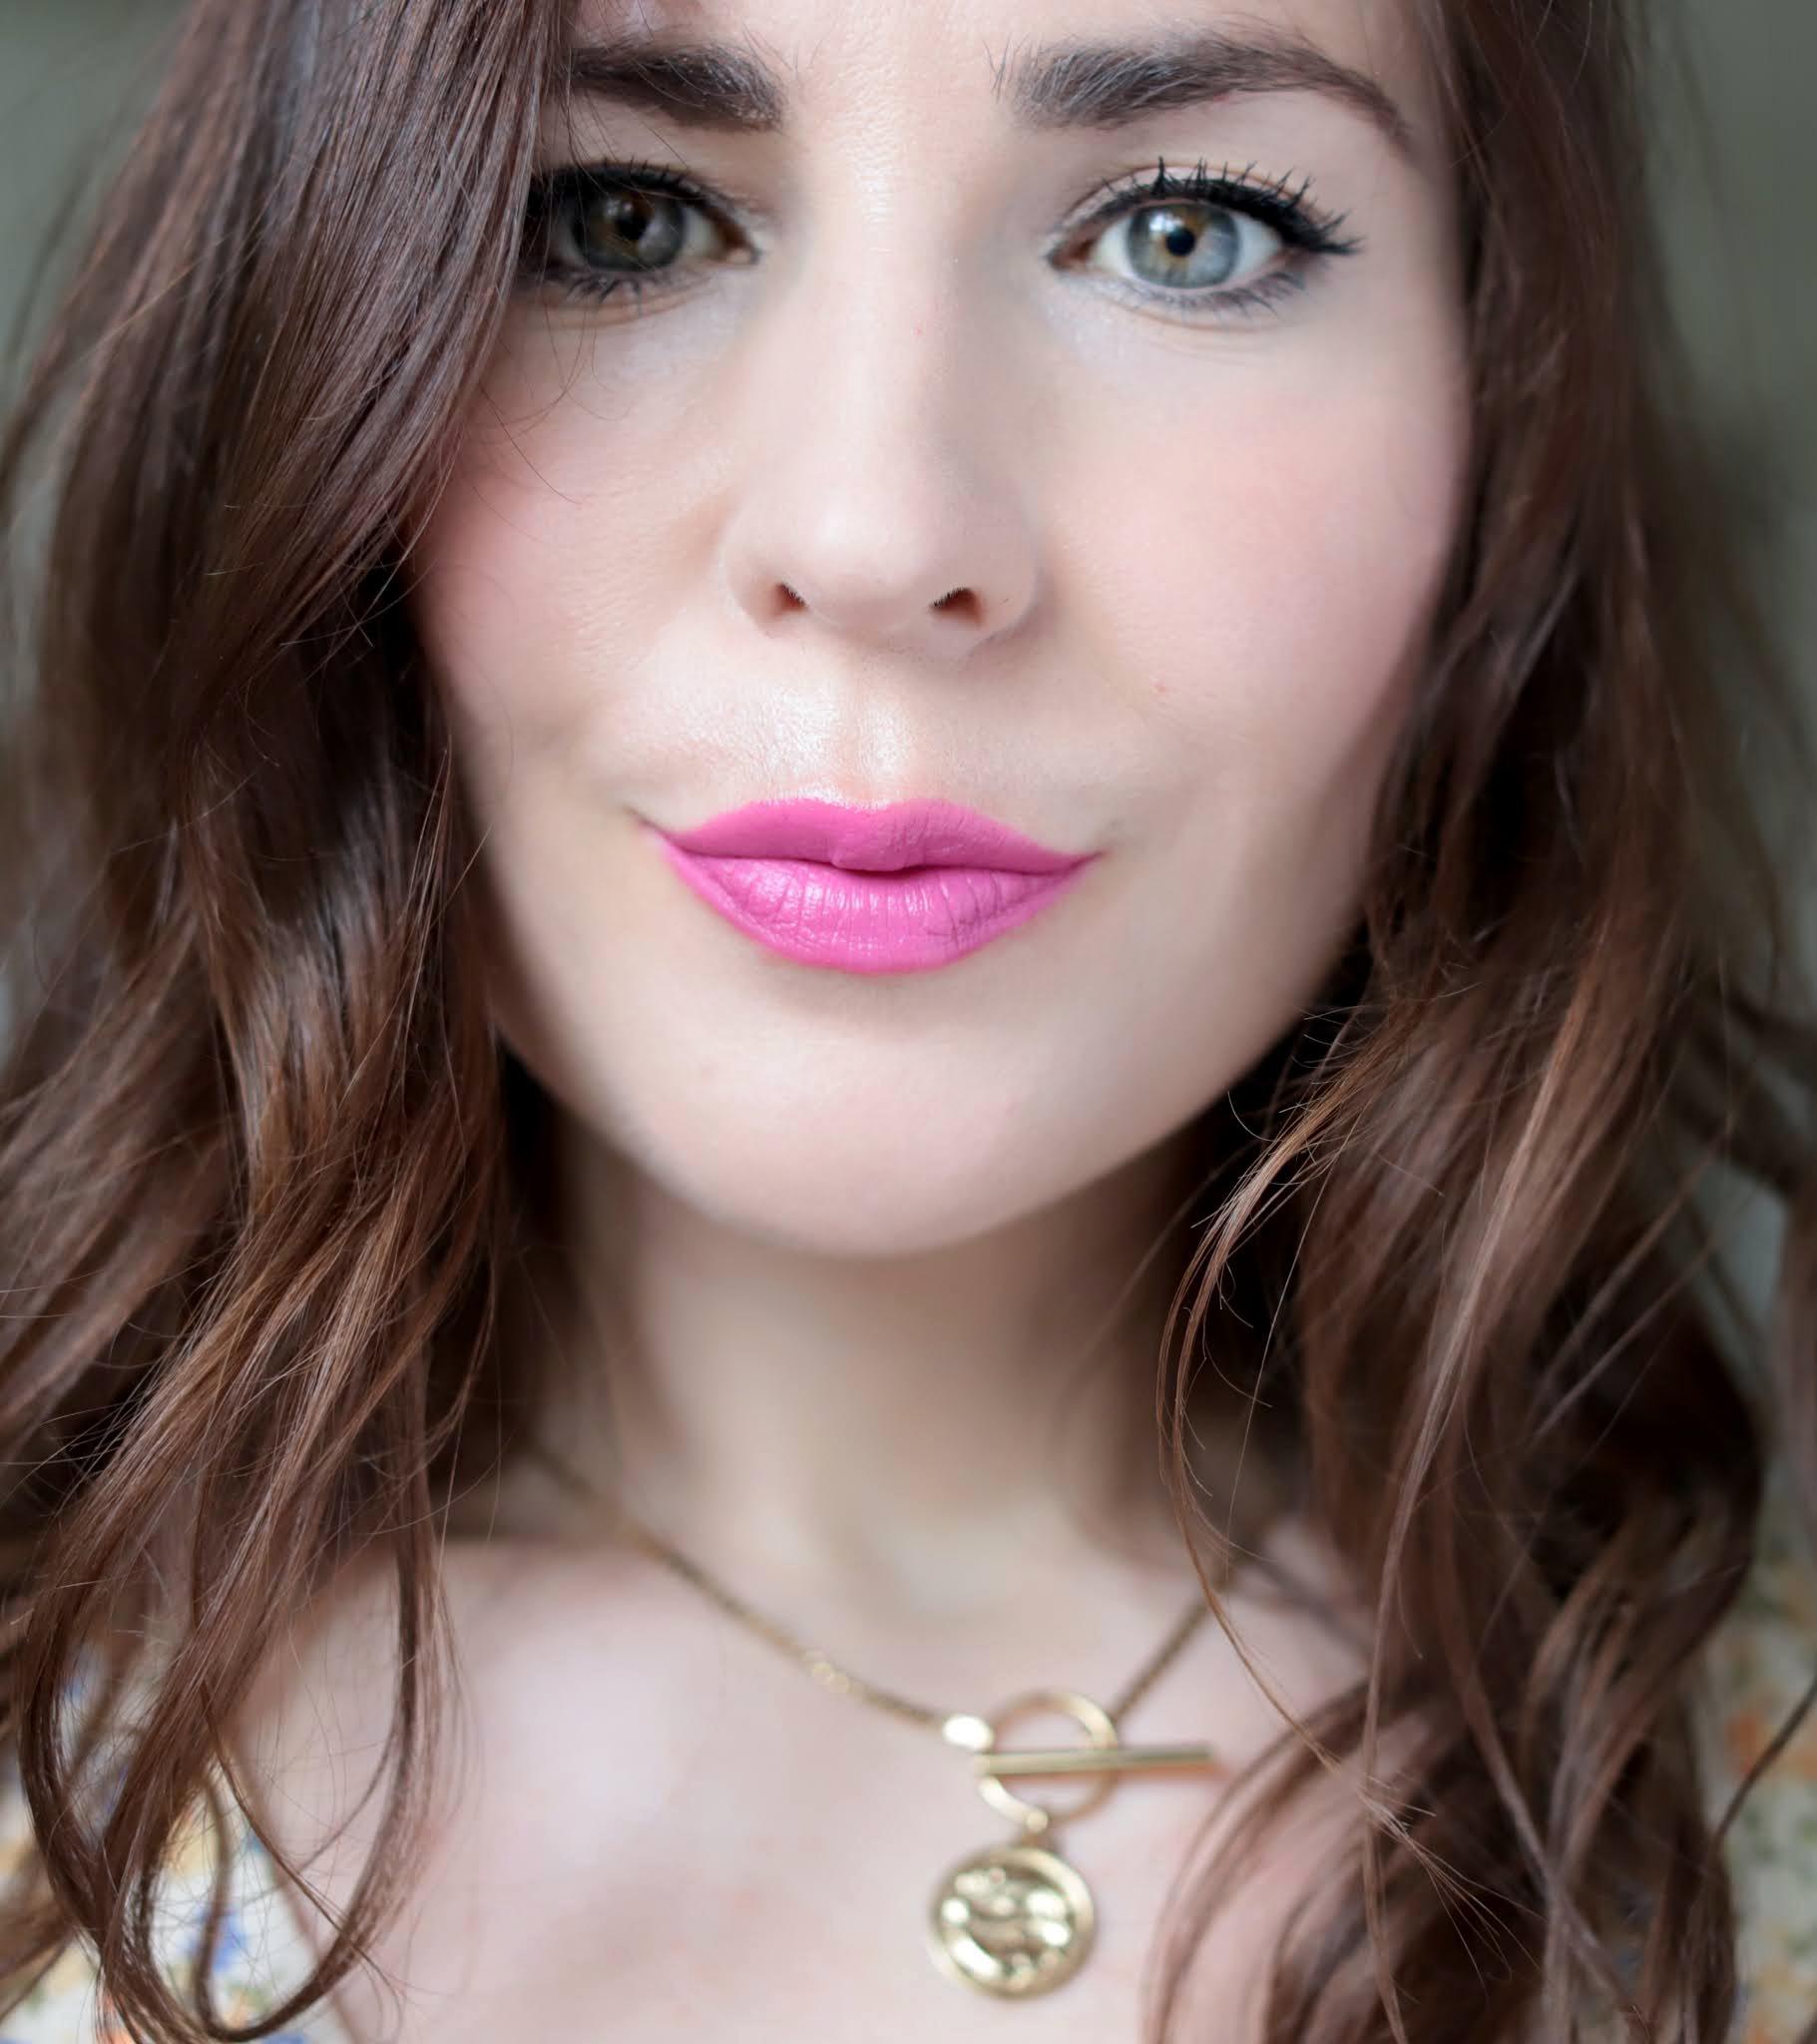 Laura Mercier Rouge Essentiel Classique Pink